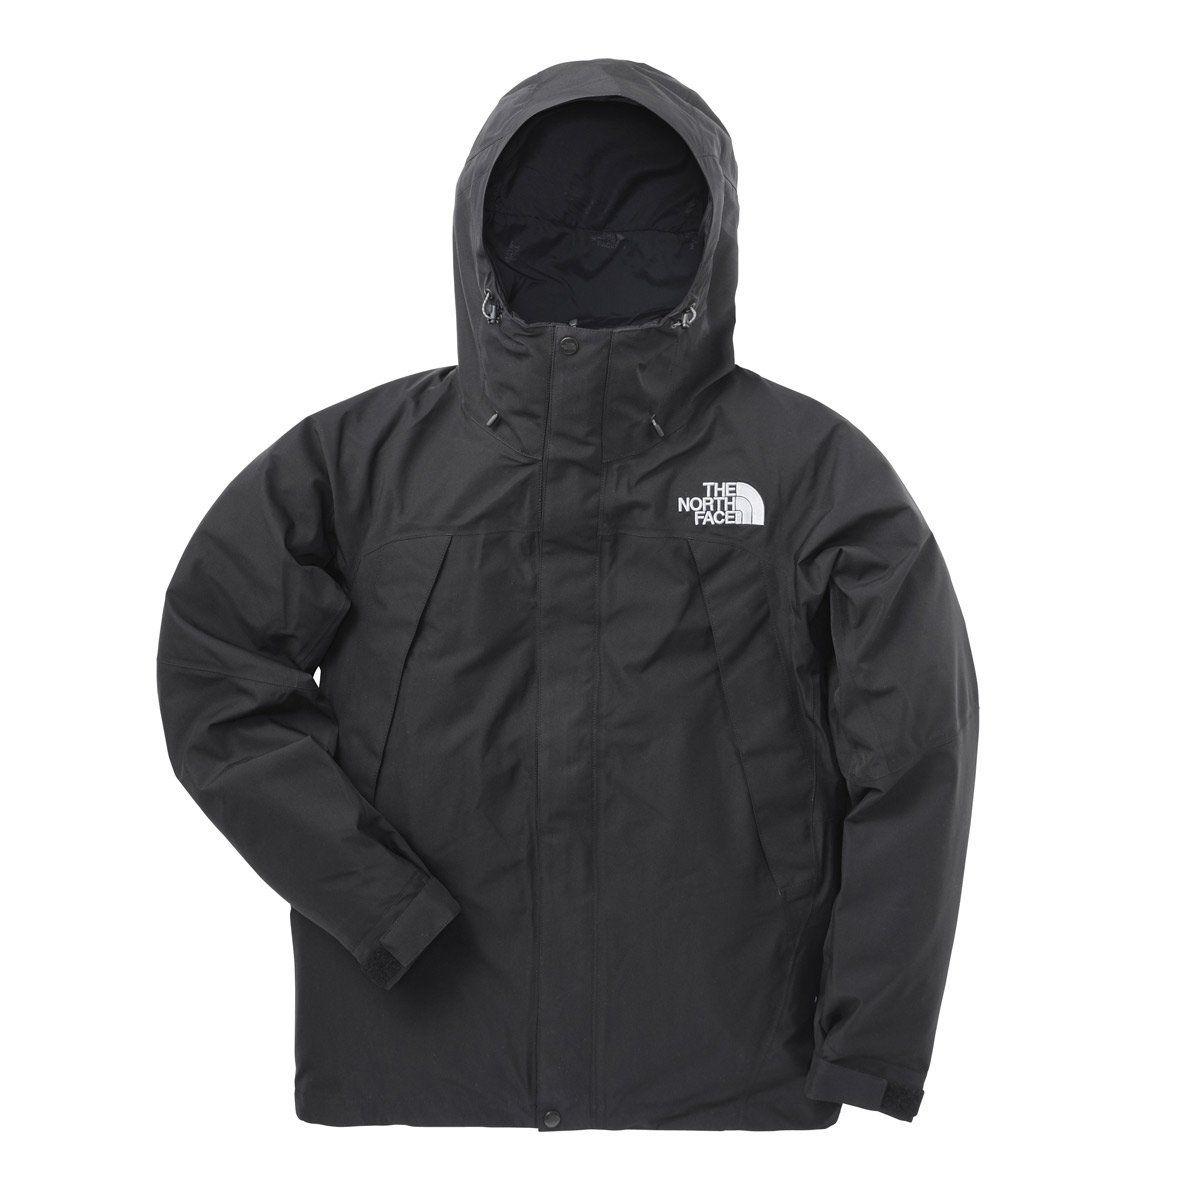 ノースフェイスのマウンテンジャケットは値段相応の価値があるか?